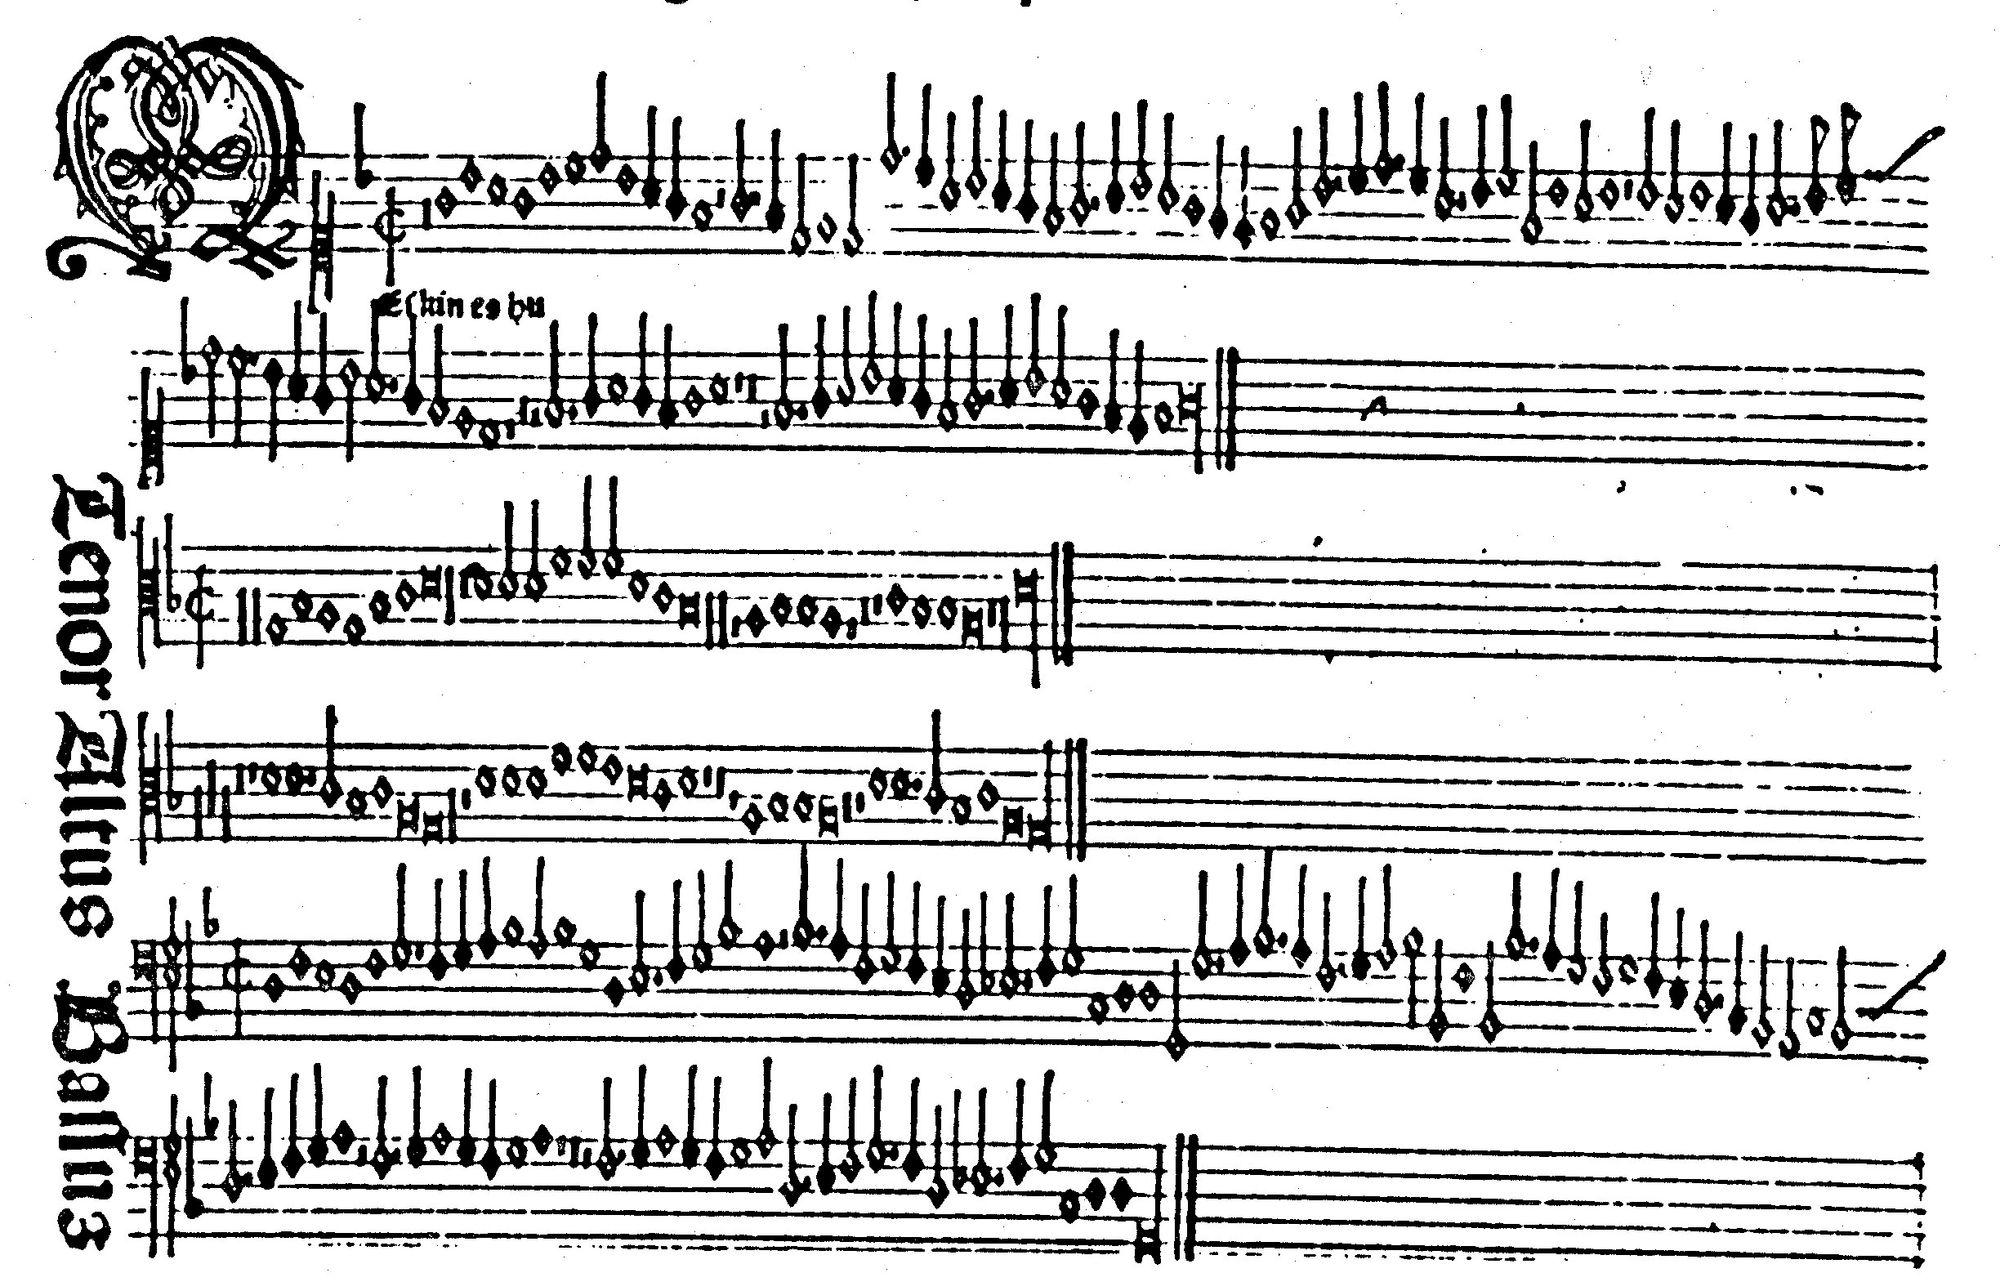 1466 年生於意大利威尼斯的彼特魯斯,發明了音樂的活版印刷,是音樂出版的先鋒。